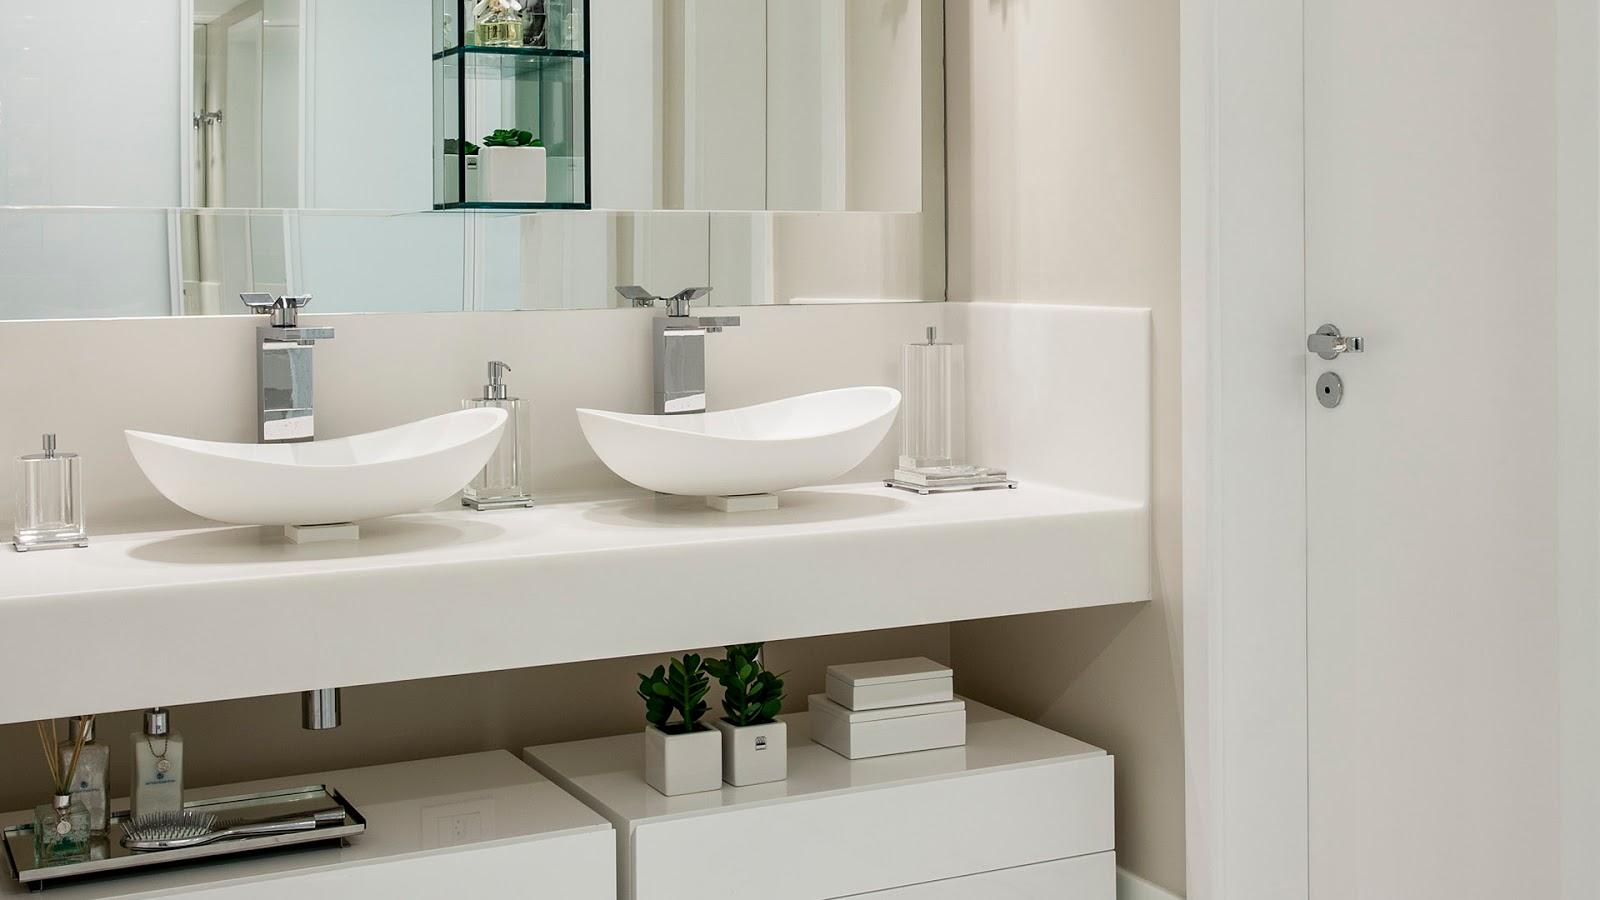 com cores claras! Decor Salteado Blog de Decoração e Arquitetura #3B3727 1600x900 Arquitetura De Banheiro Simples